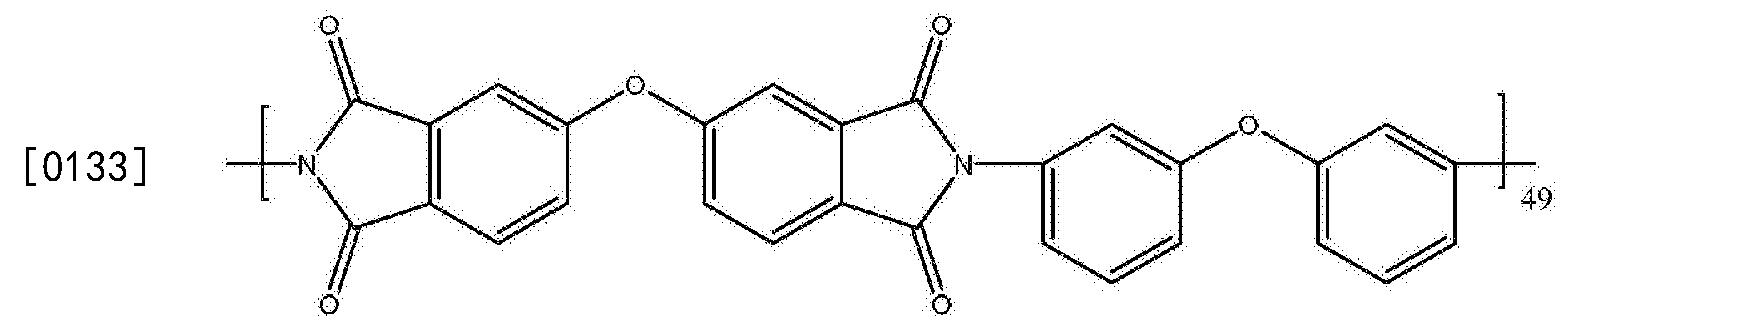 Figure CN104829837BD00181